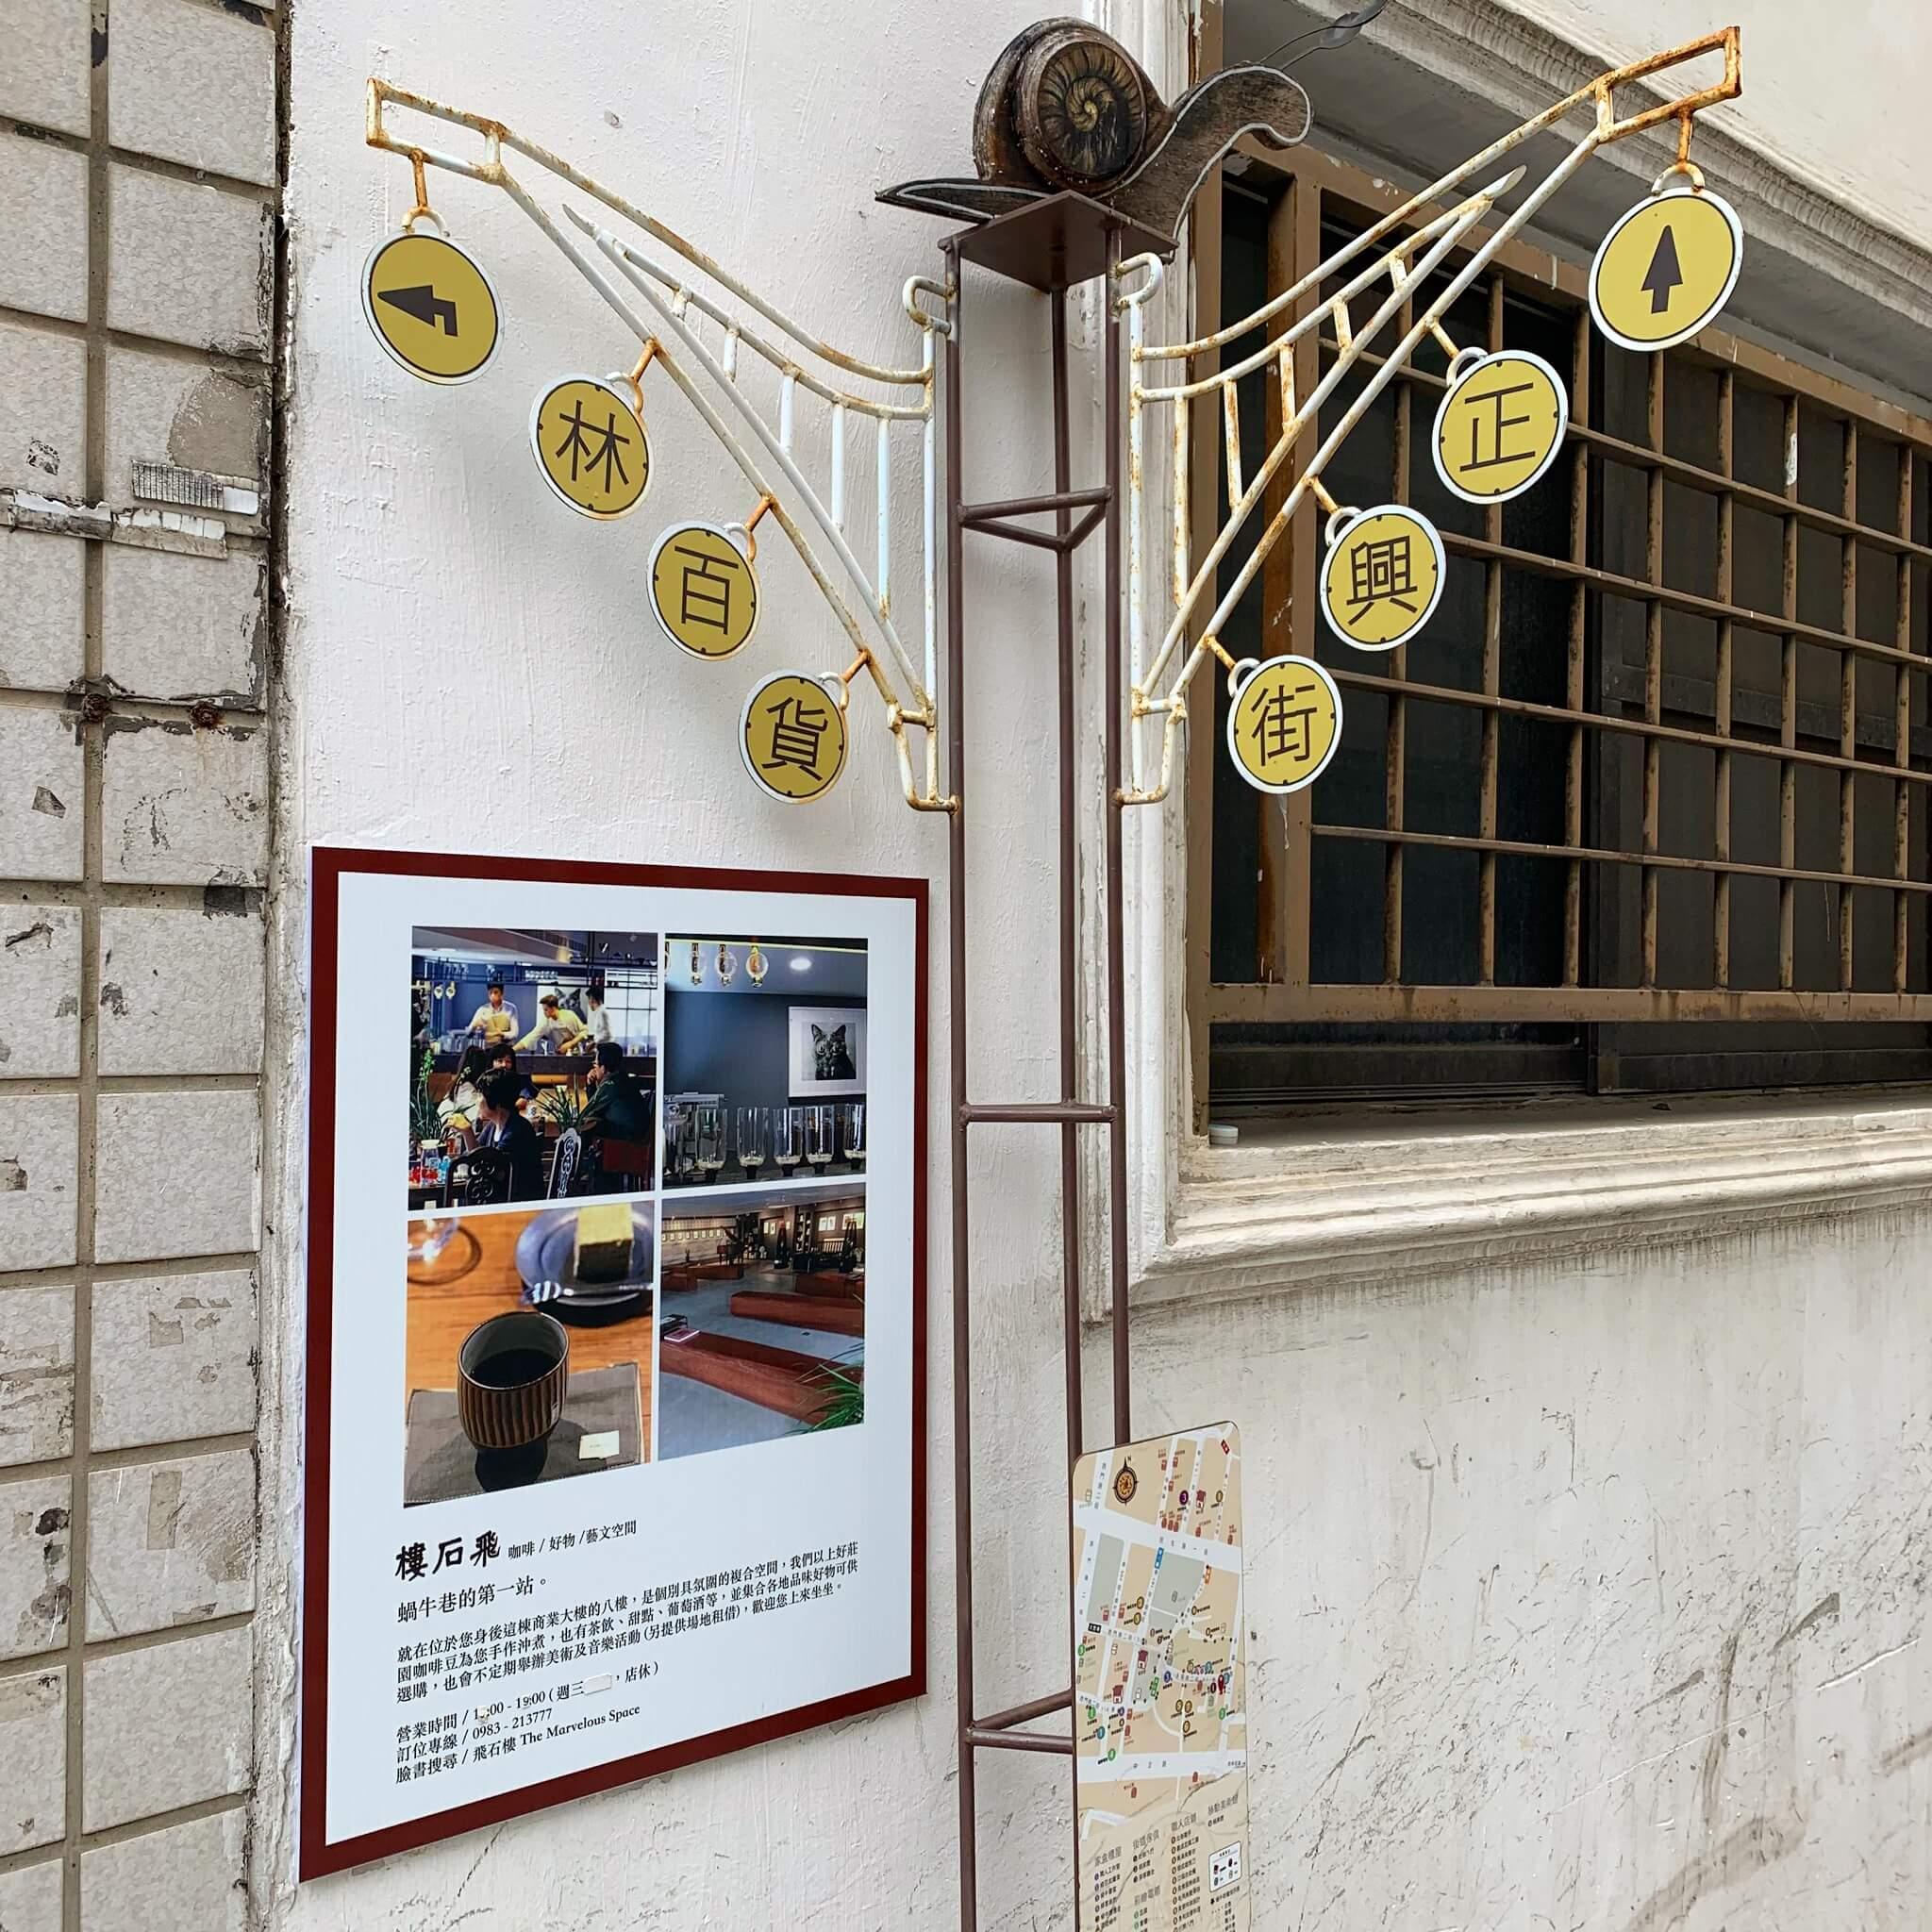 [臺南美食] 飛石樓 - 擁有千萬音響和藝文空間的下午茶餐廳 - 臺南阿青的部落格